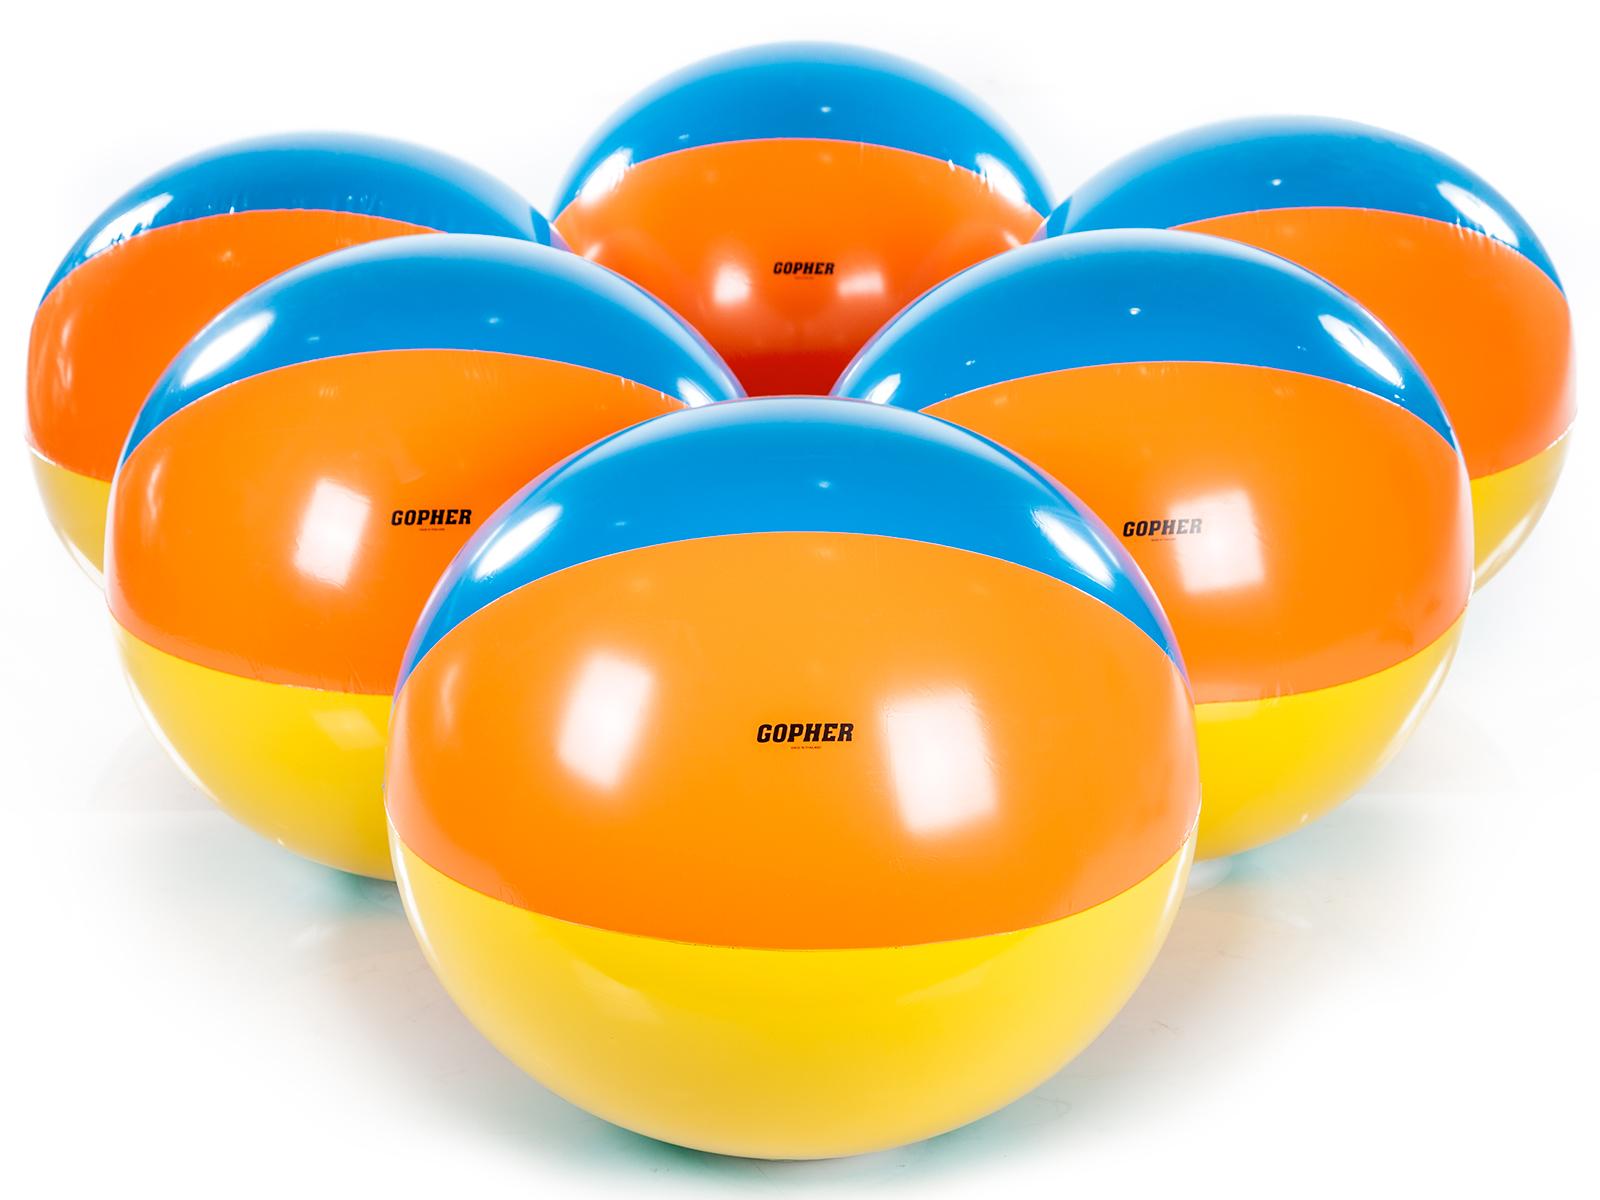 1600x1200 Standard Beach Balls